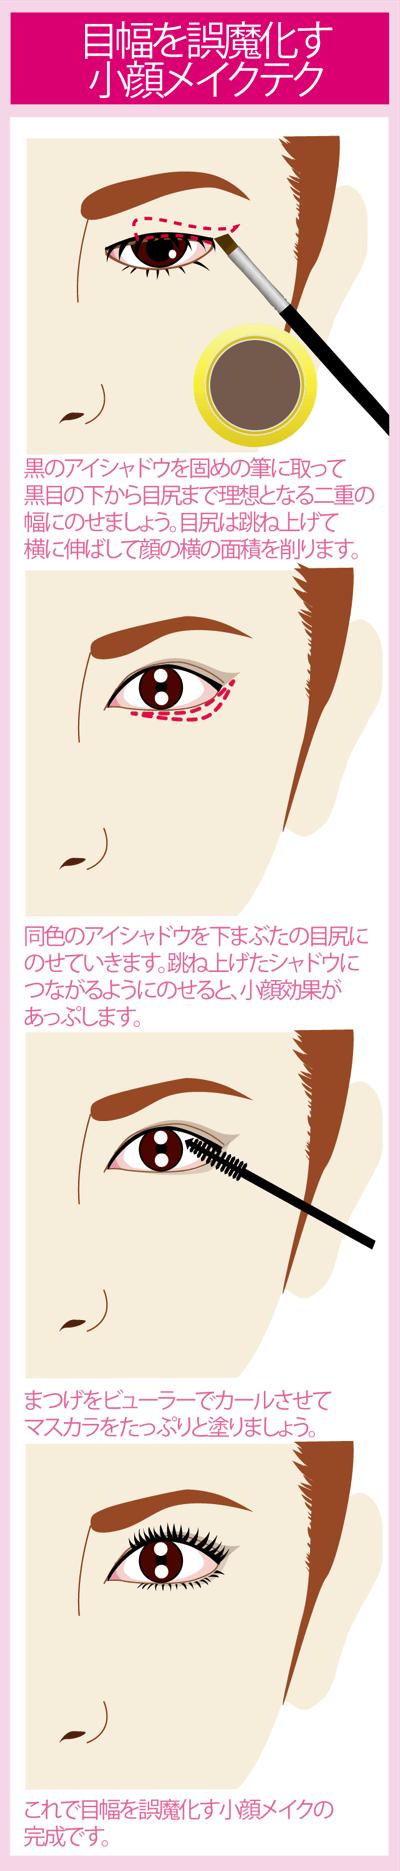 目幅を誤魔化す小顔メイクテク